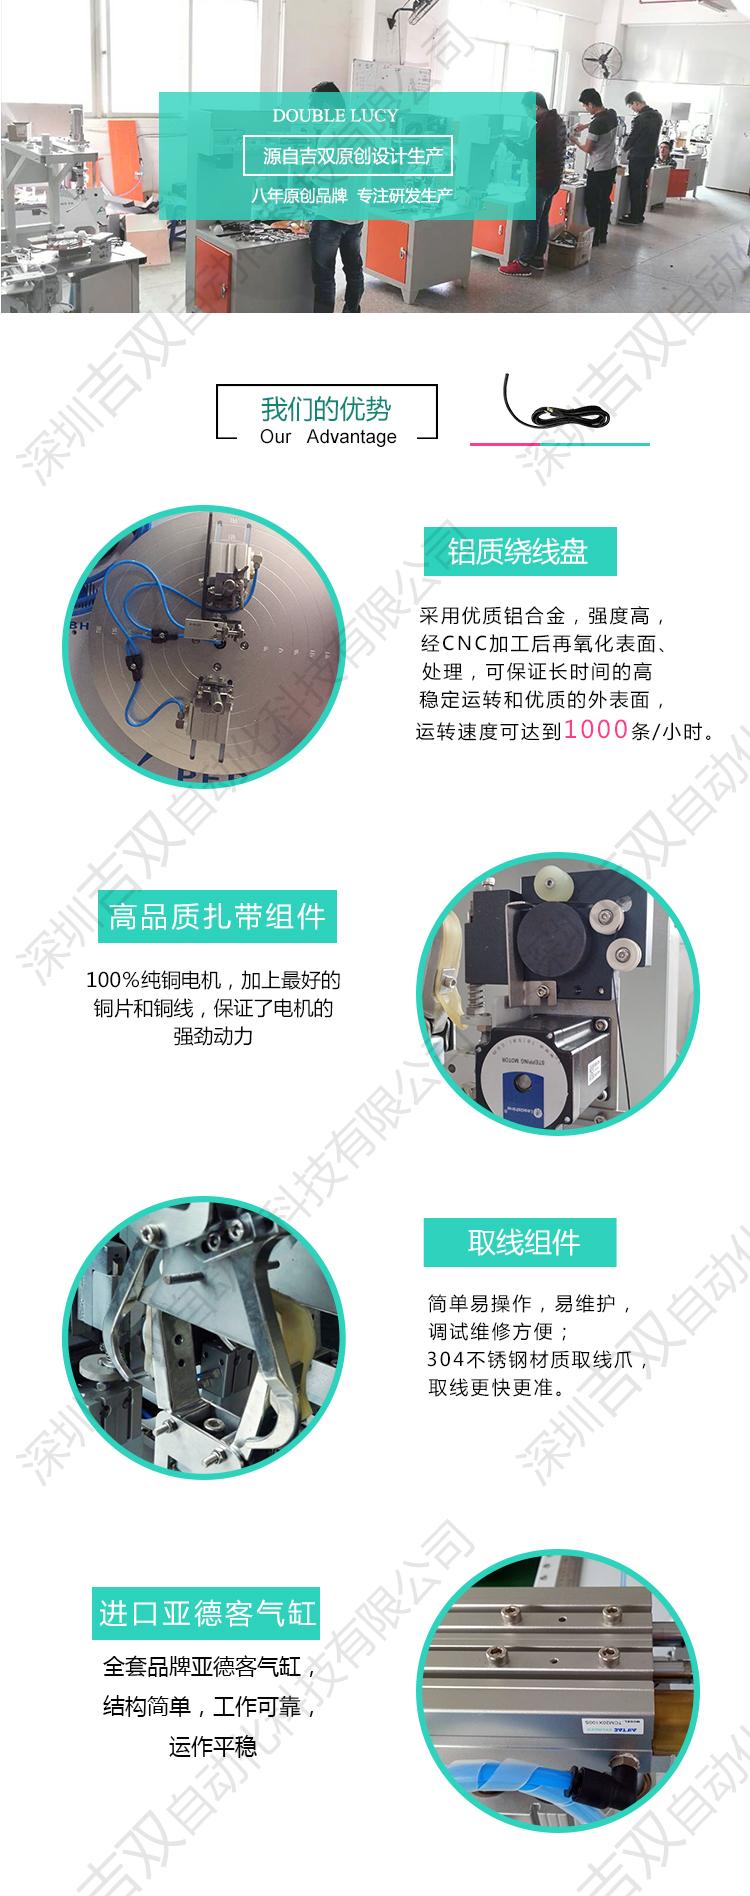 自动绕线扎线机专业厂家 自动绕线扎线机领导者深圳吉双自动化科技有限公司 自动绕线扎线机厂家